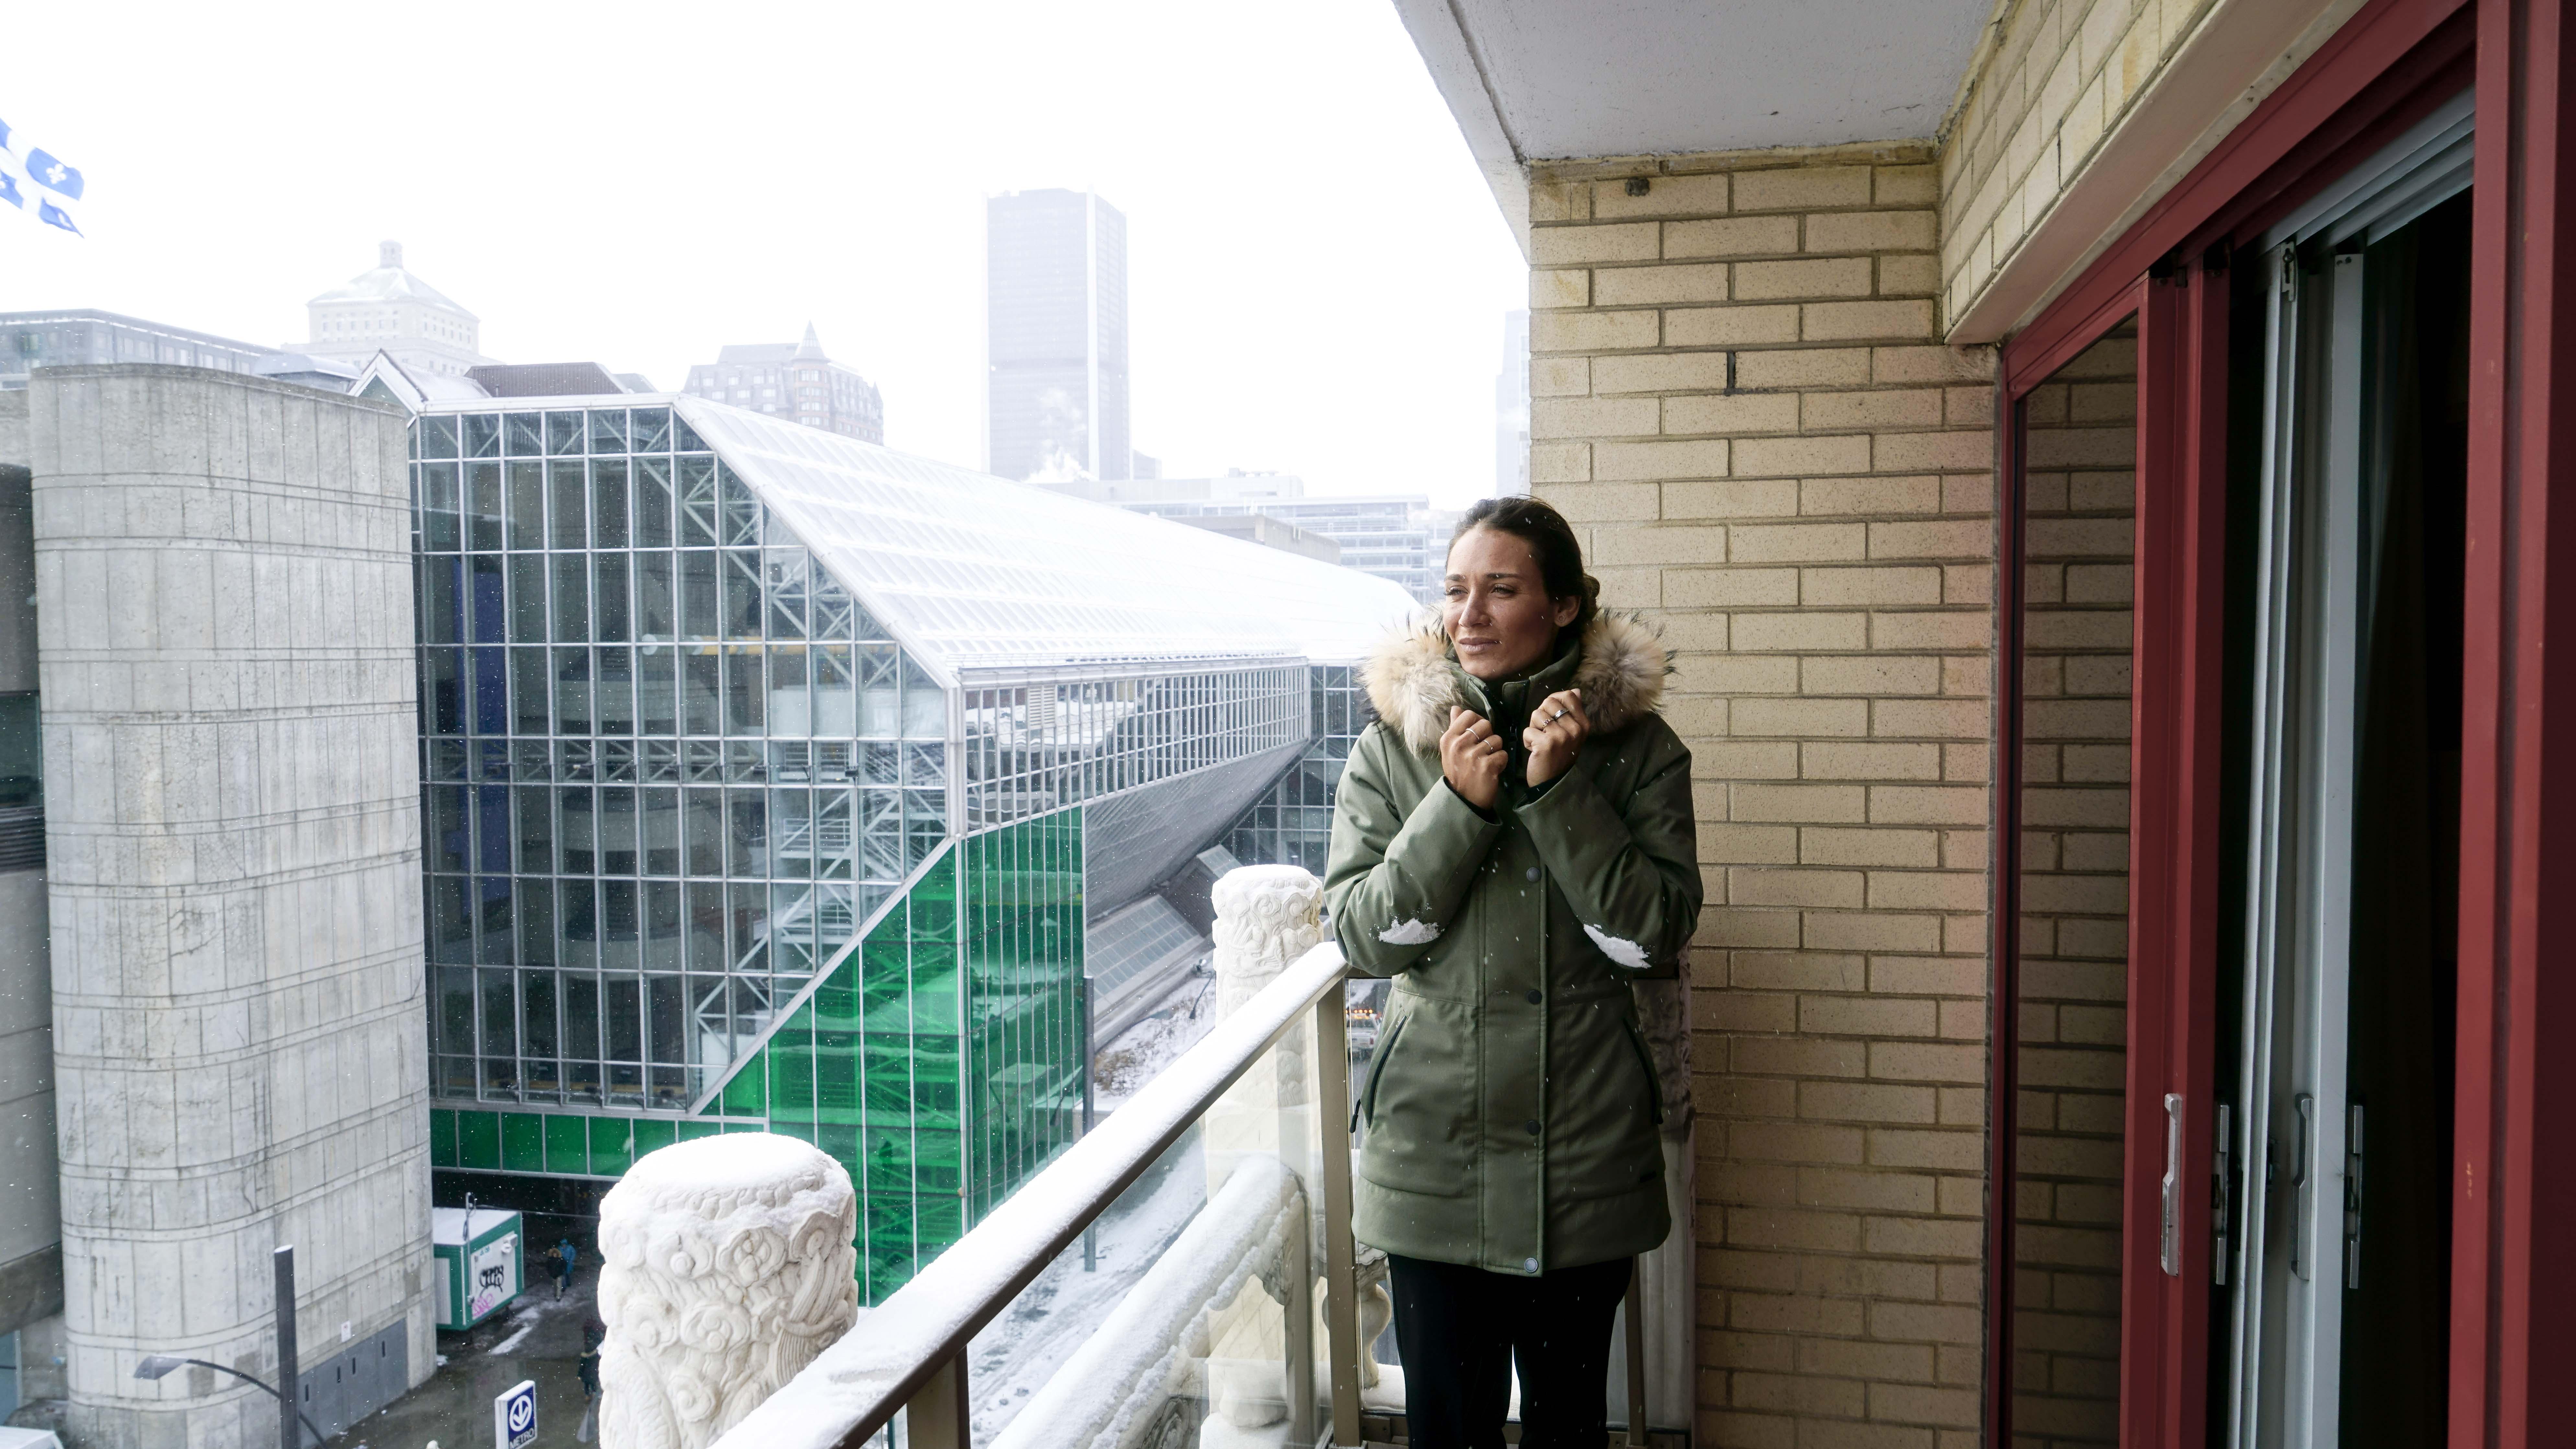 hotel hiver montreal audvik camille dg ihg holiday inn centre-ville urbain